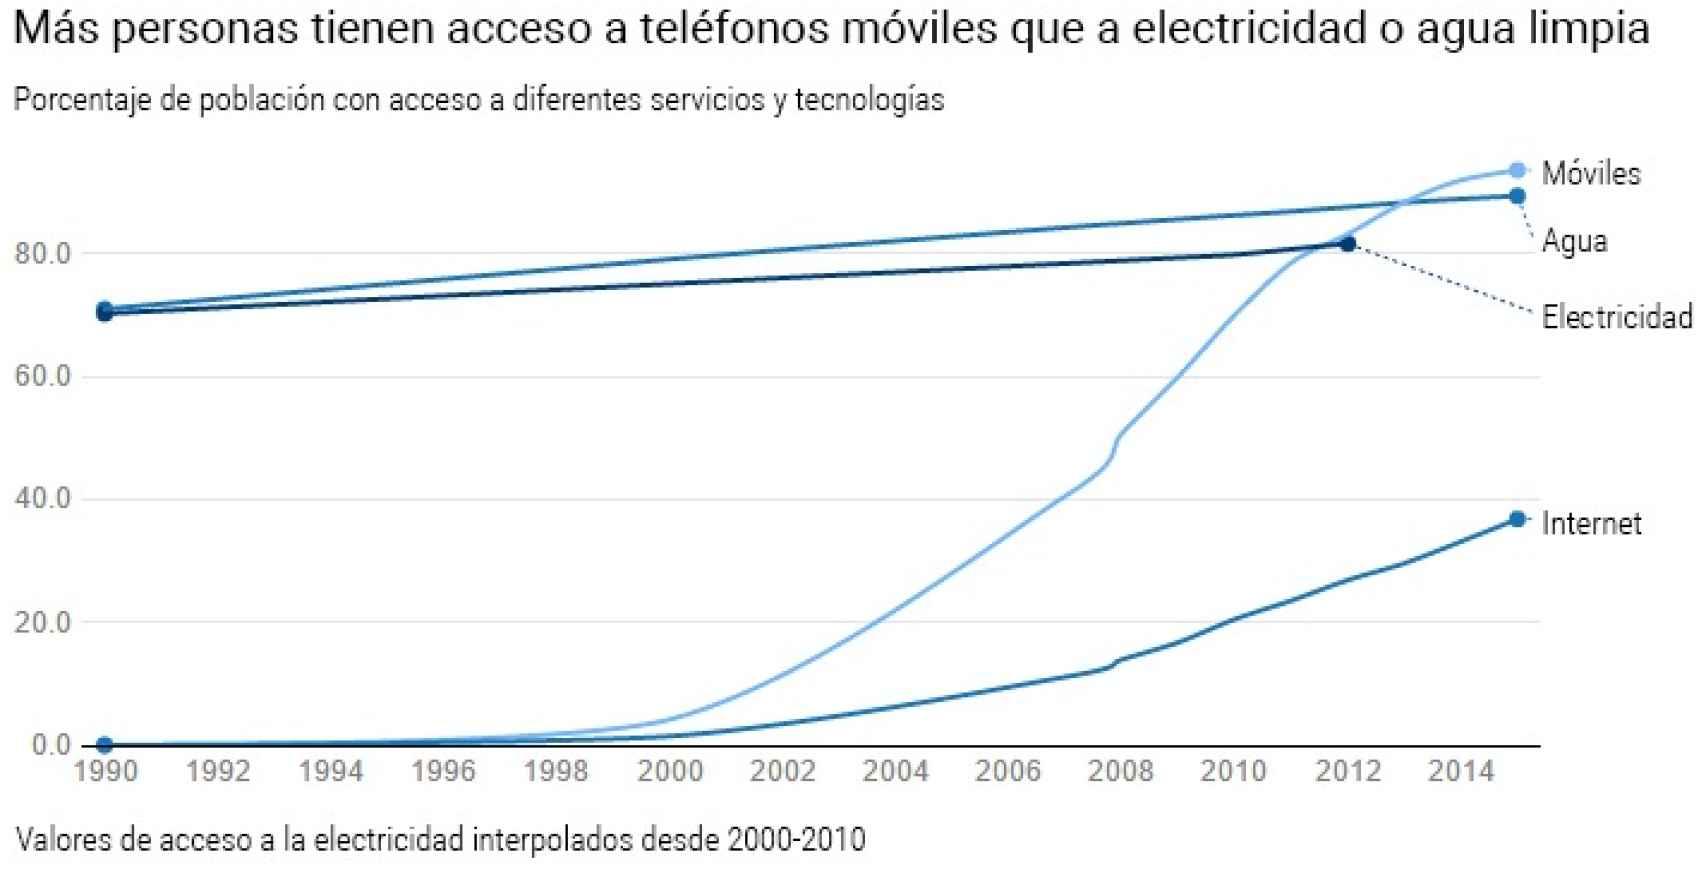 Valor del acceso a la electricidad interpolado entre 2000 y 2010